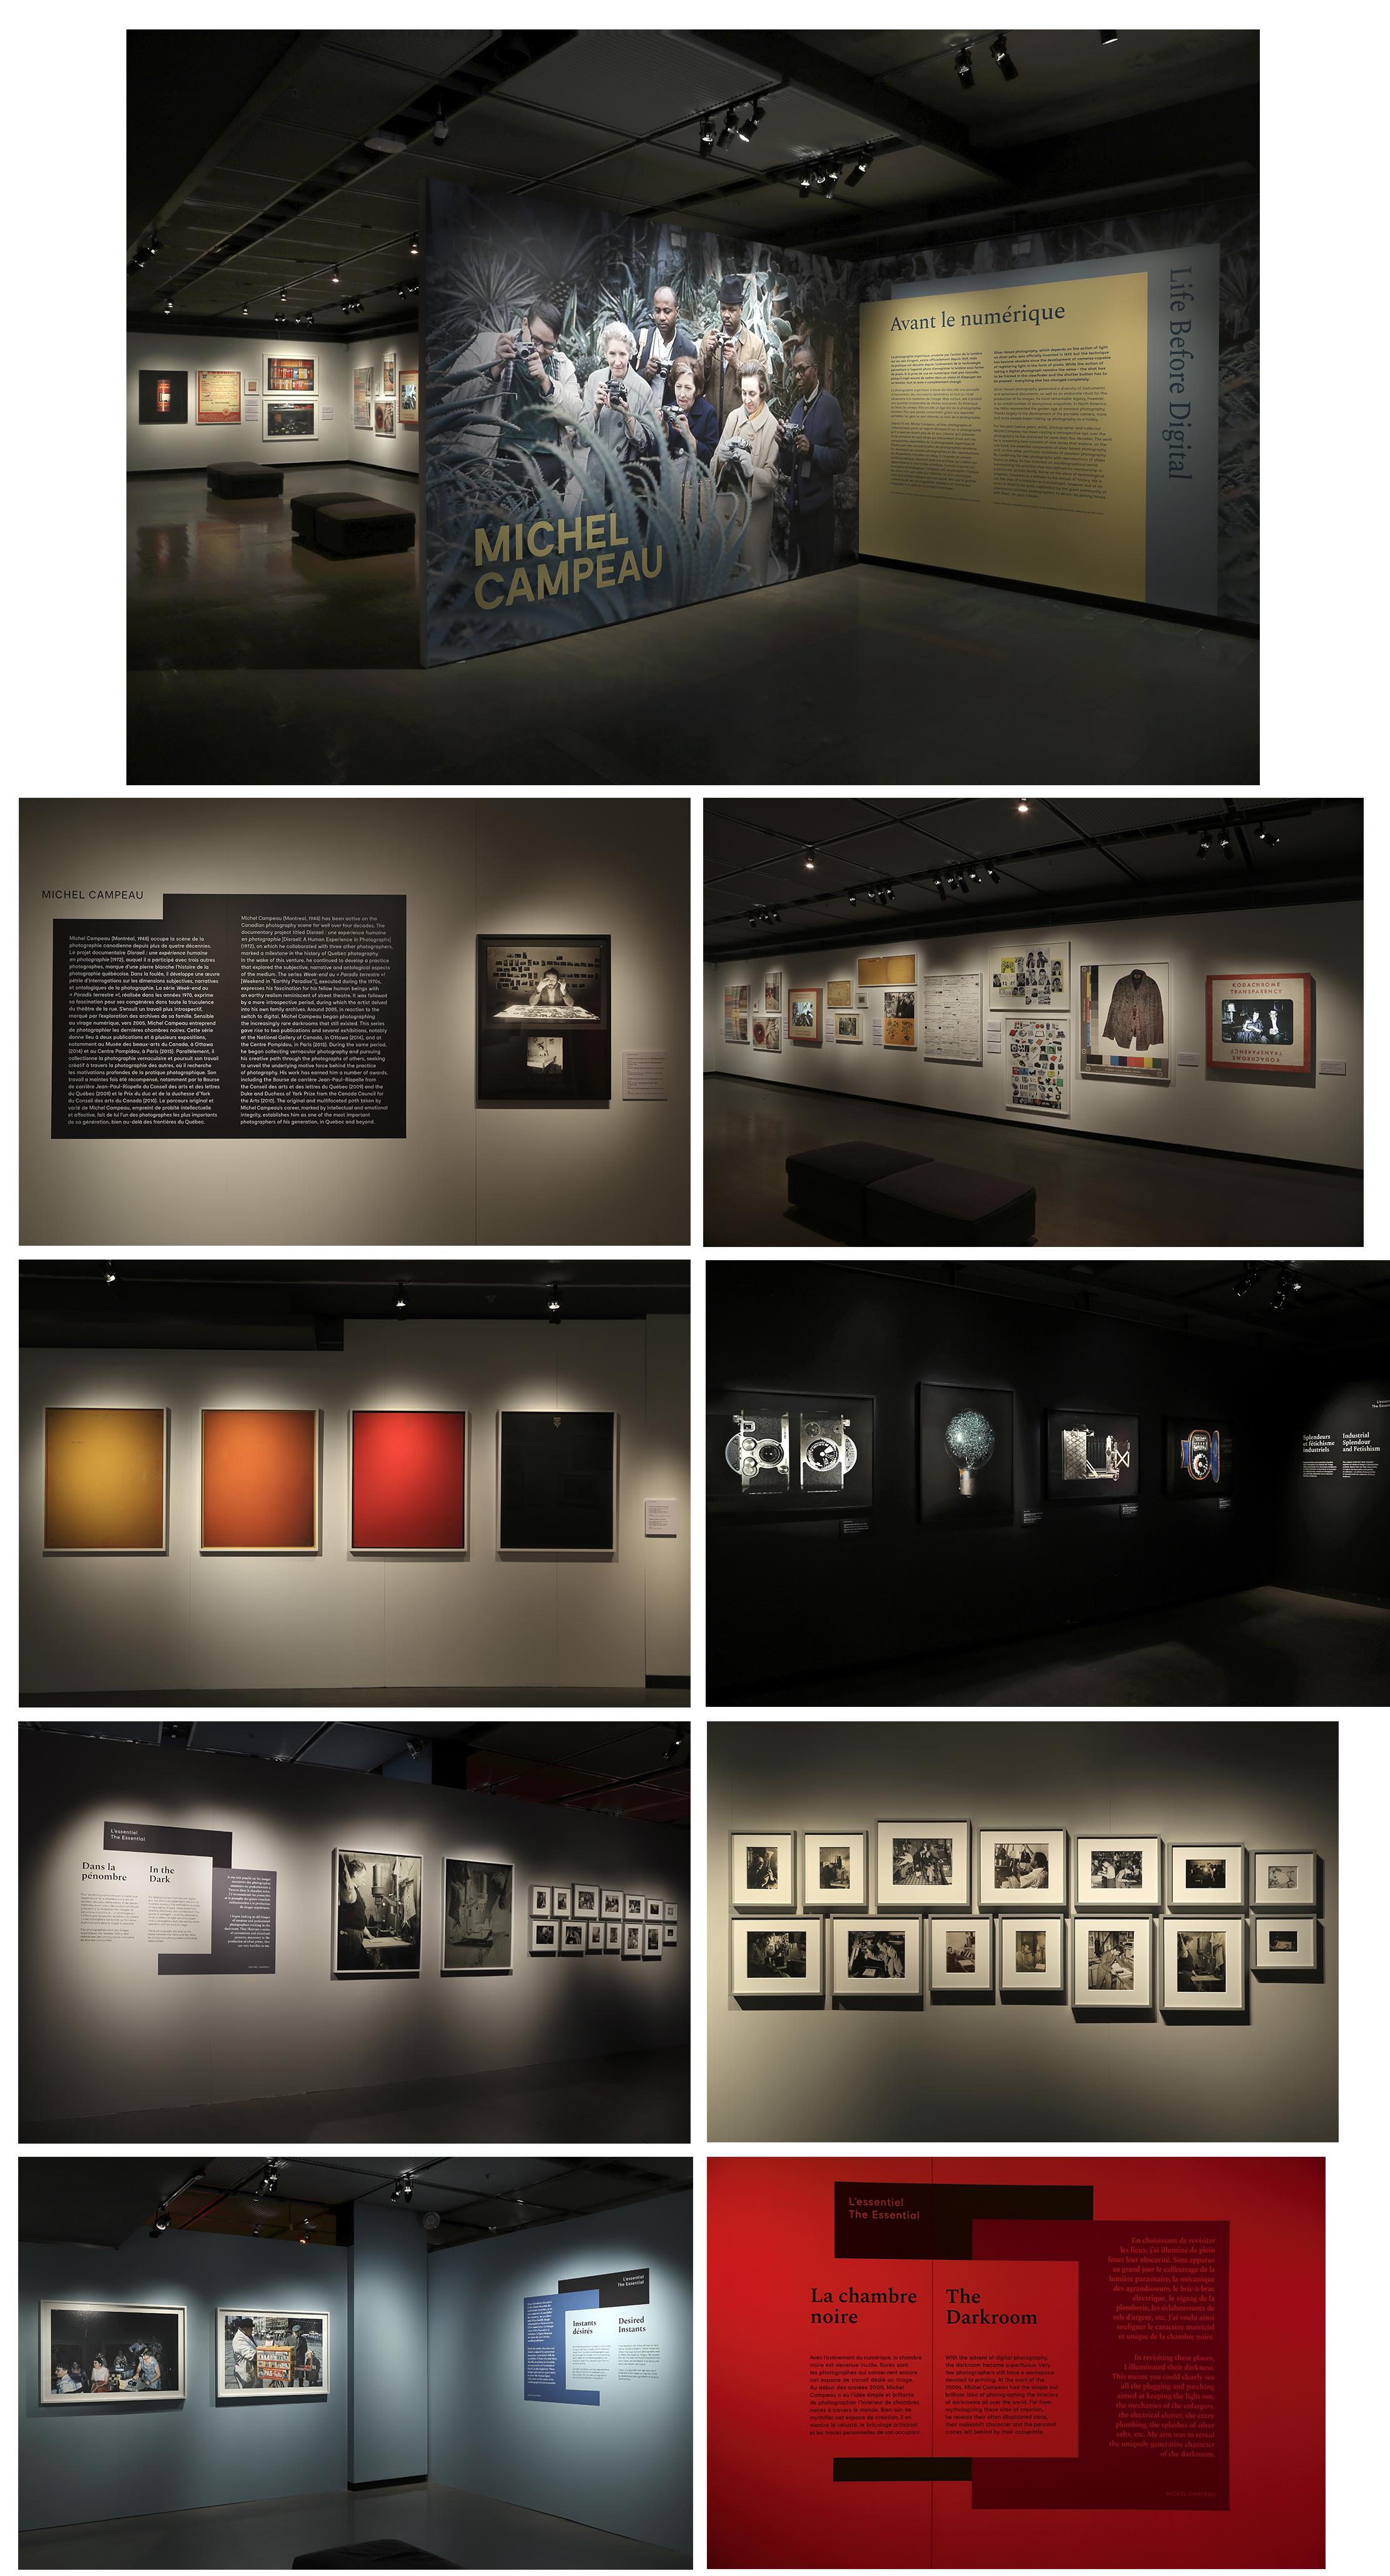 Vues de l'exposition  Michel Campeau. Avant le numérique , au Musée McCord, de 16 février au 6 mai 2018, © Marilyn Aitken, Musée McCord